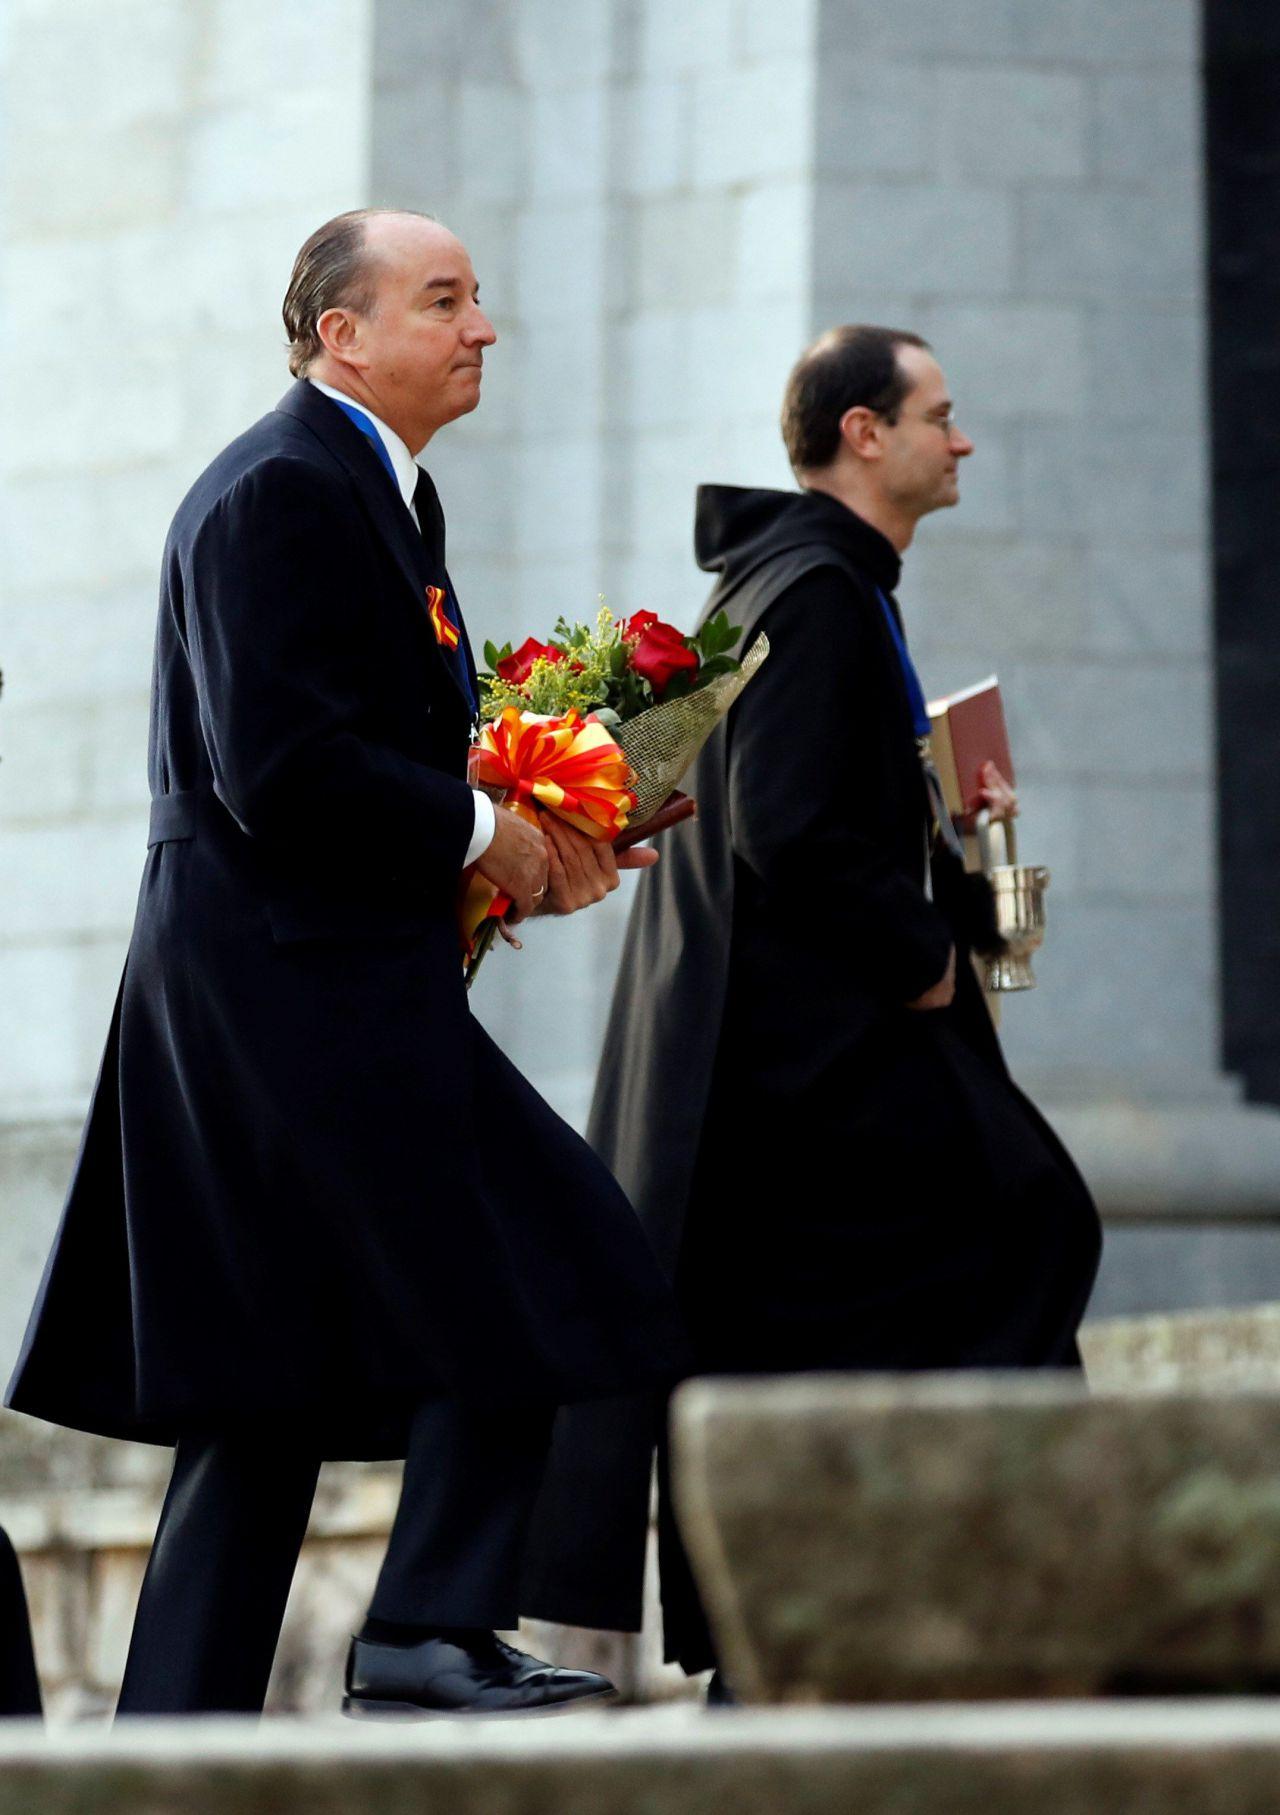 El abogado de la familia Franco, Luis Felipe Utrera Molina (i) y el prior de la basílica, Santiago Cantera (d) a su llegada al Valle de los Caídos